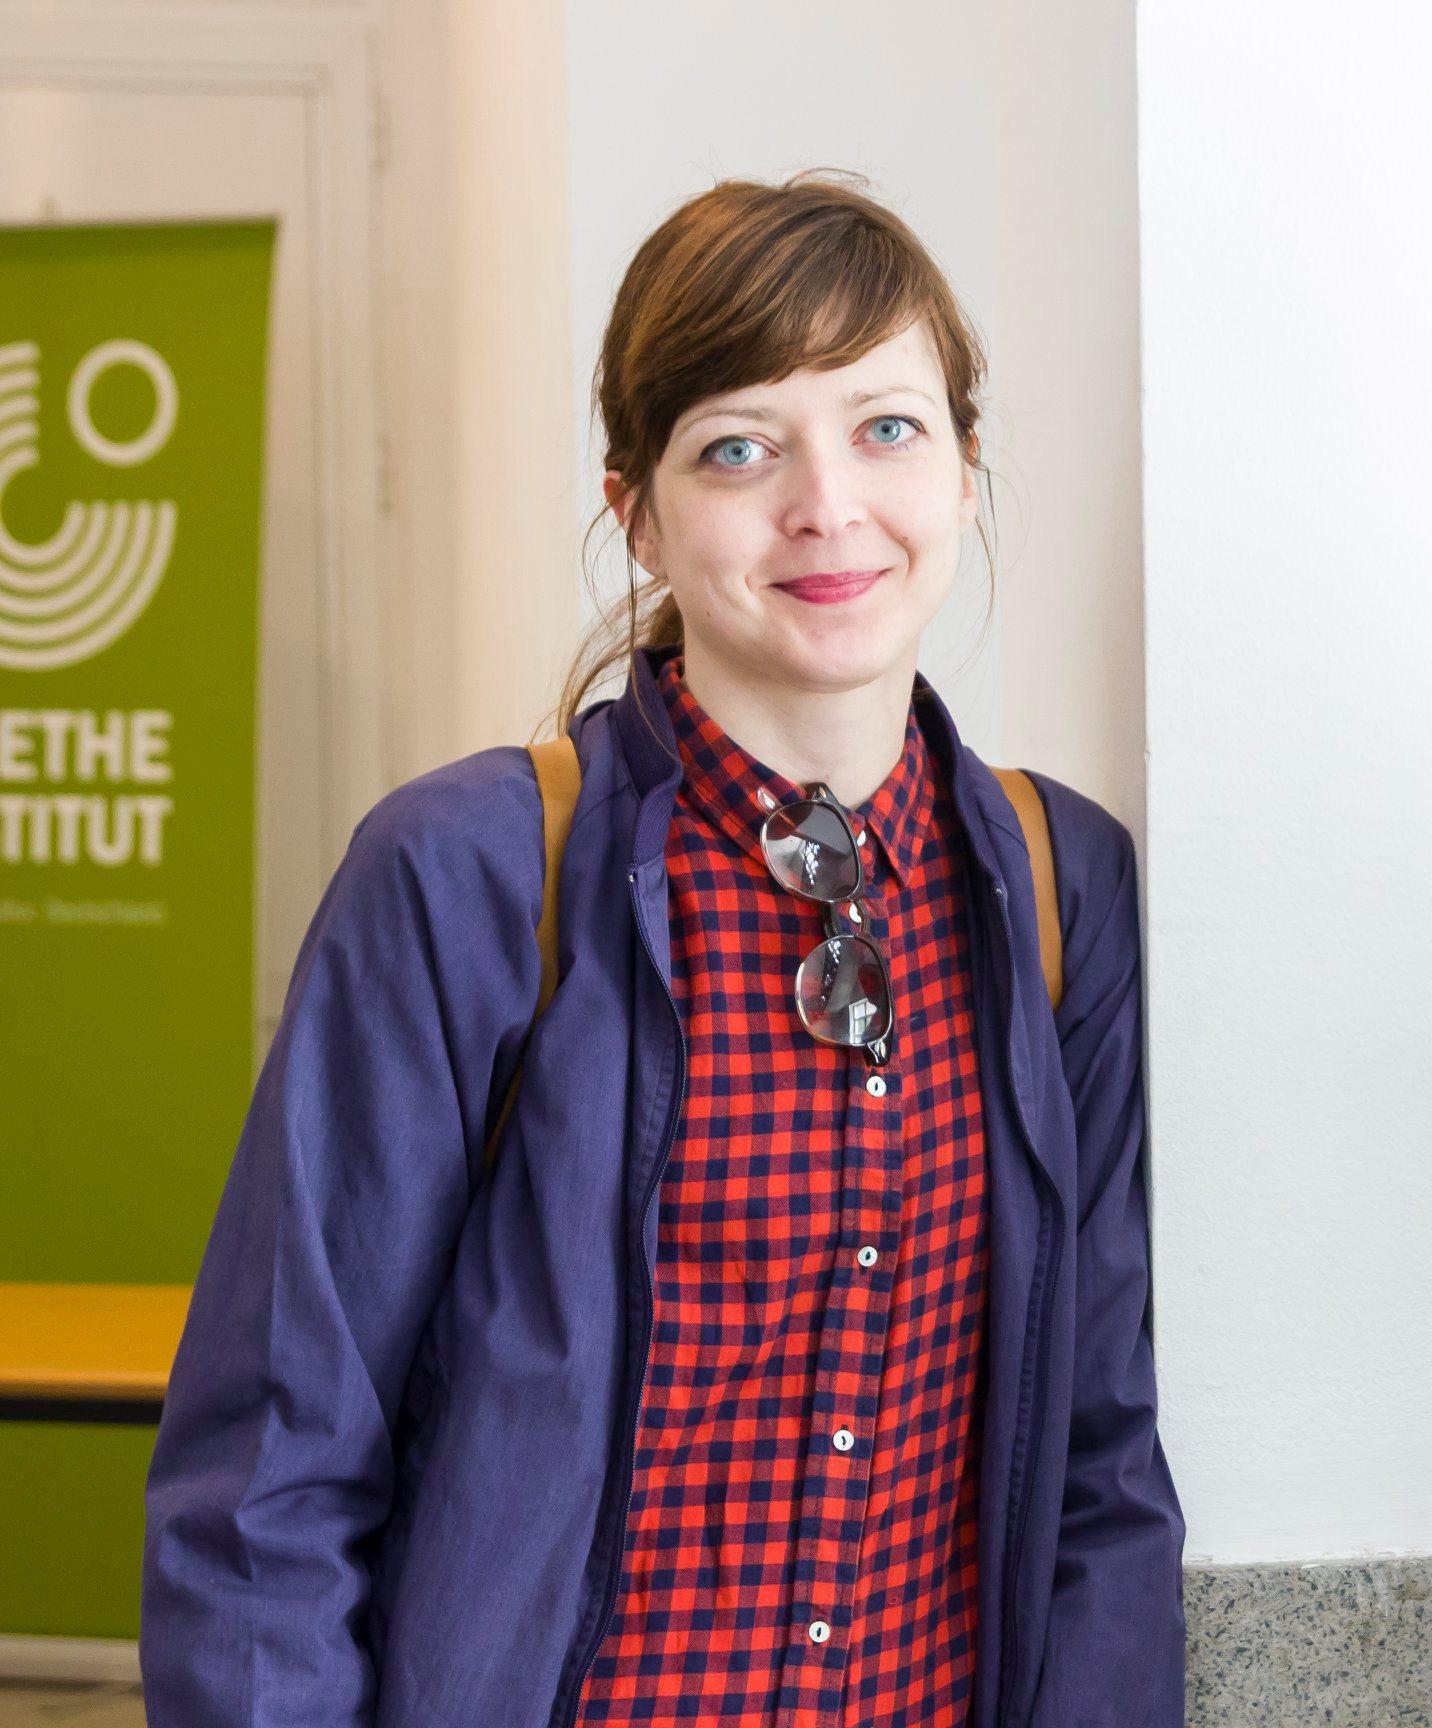 Създателите с гост Стефка Цанева от Goethe Institut